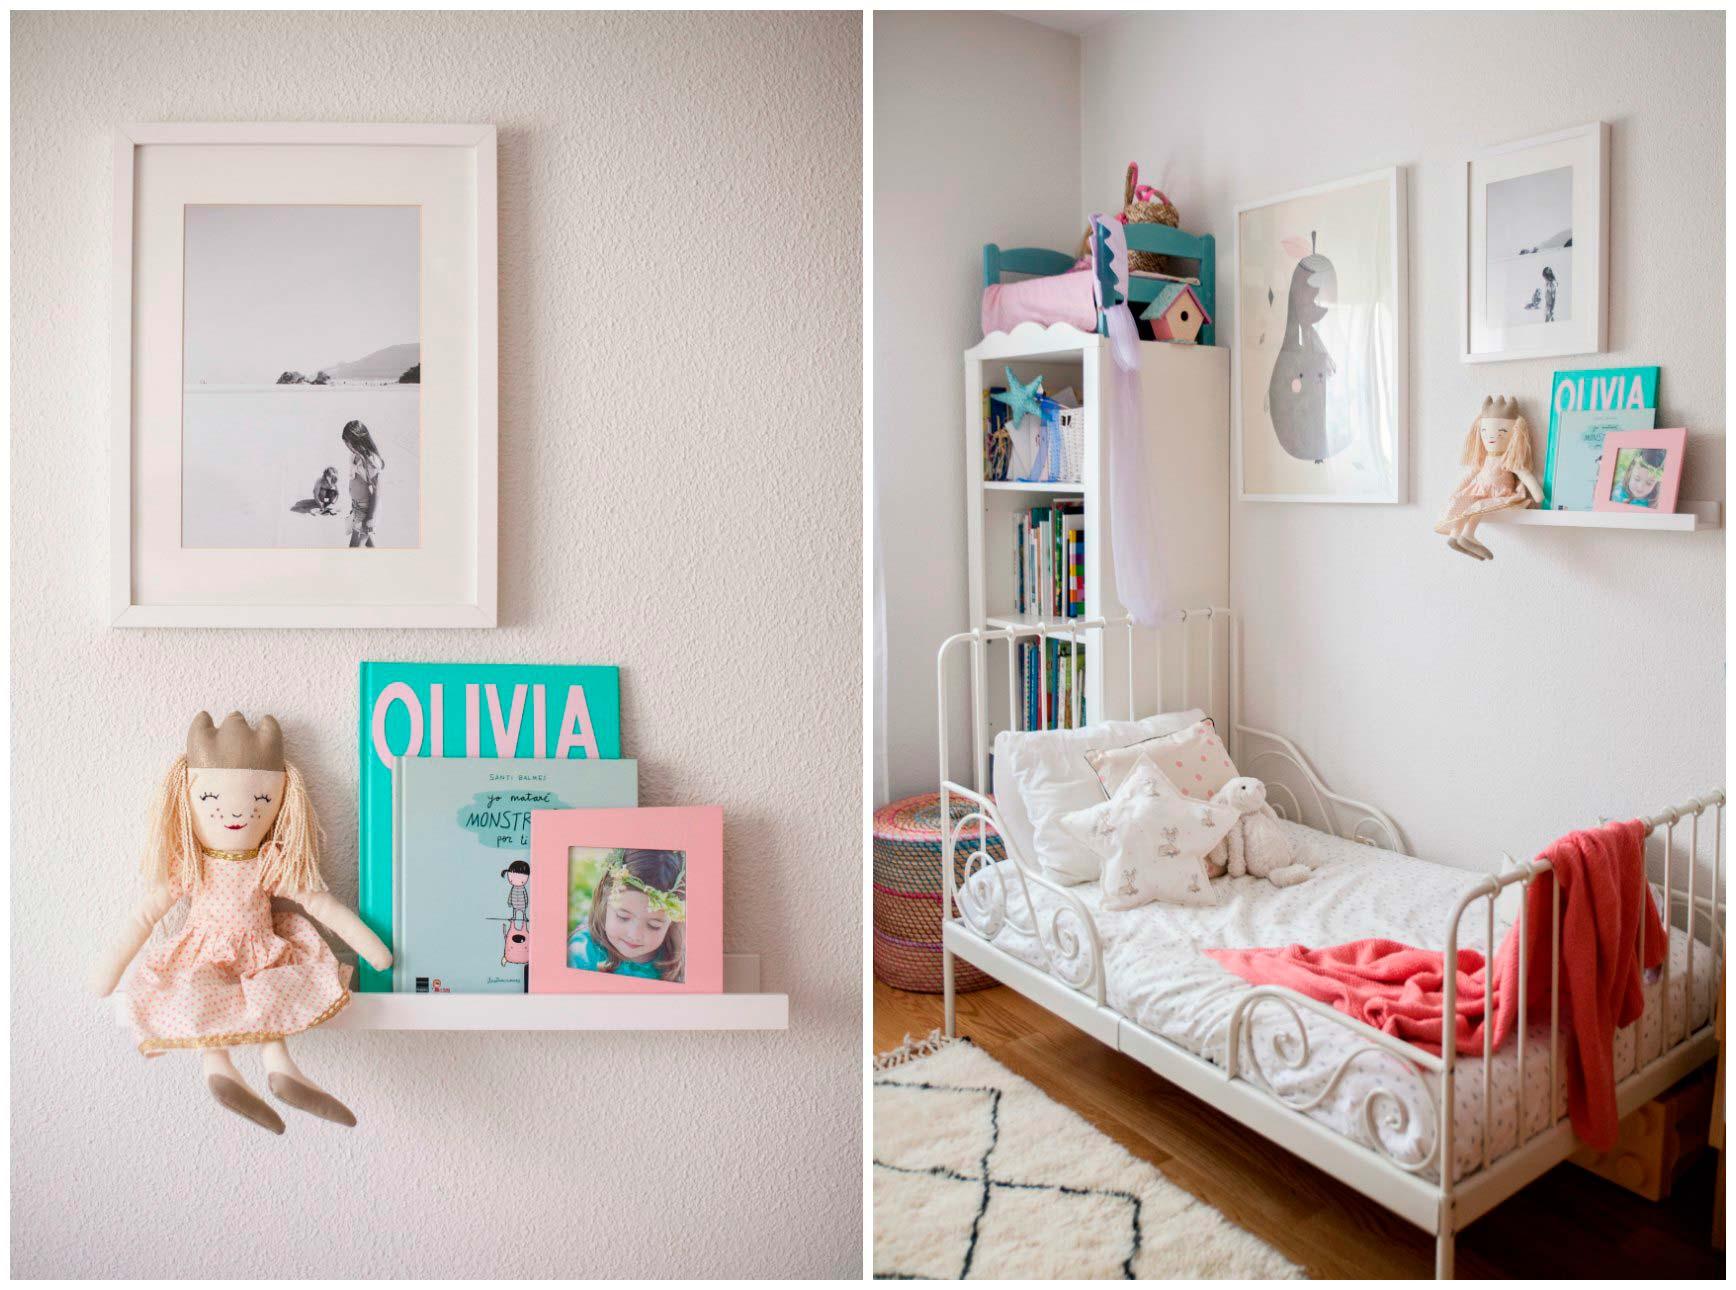 Habitación Sofía y Olivia_02